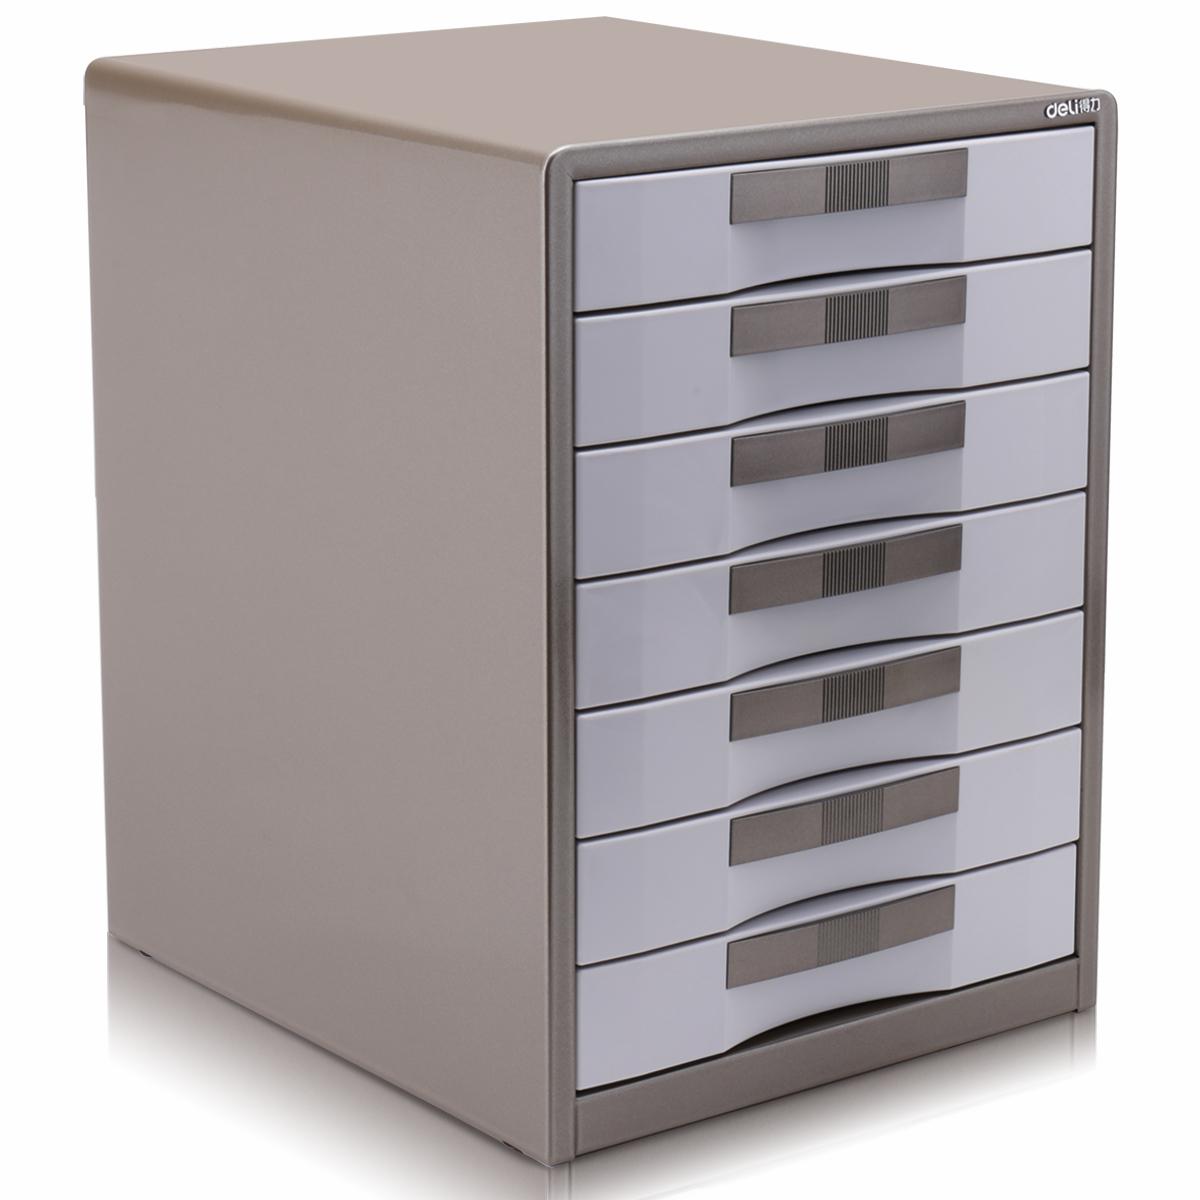 Компетентный 9703 картотеки семь металлические наружные оболочка картотеки блокировка хранение данные кабинет больше поста провинции